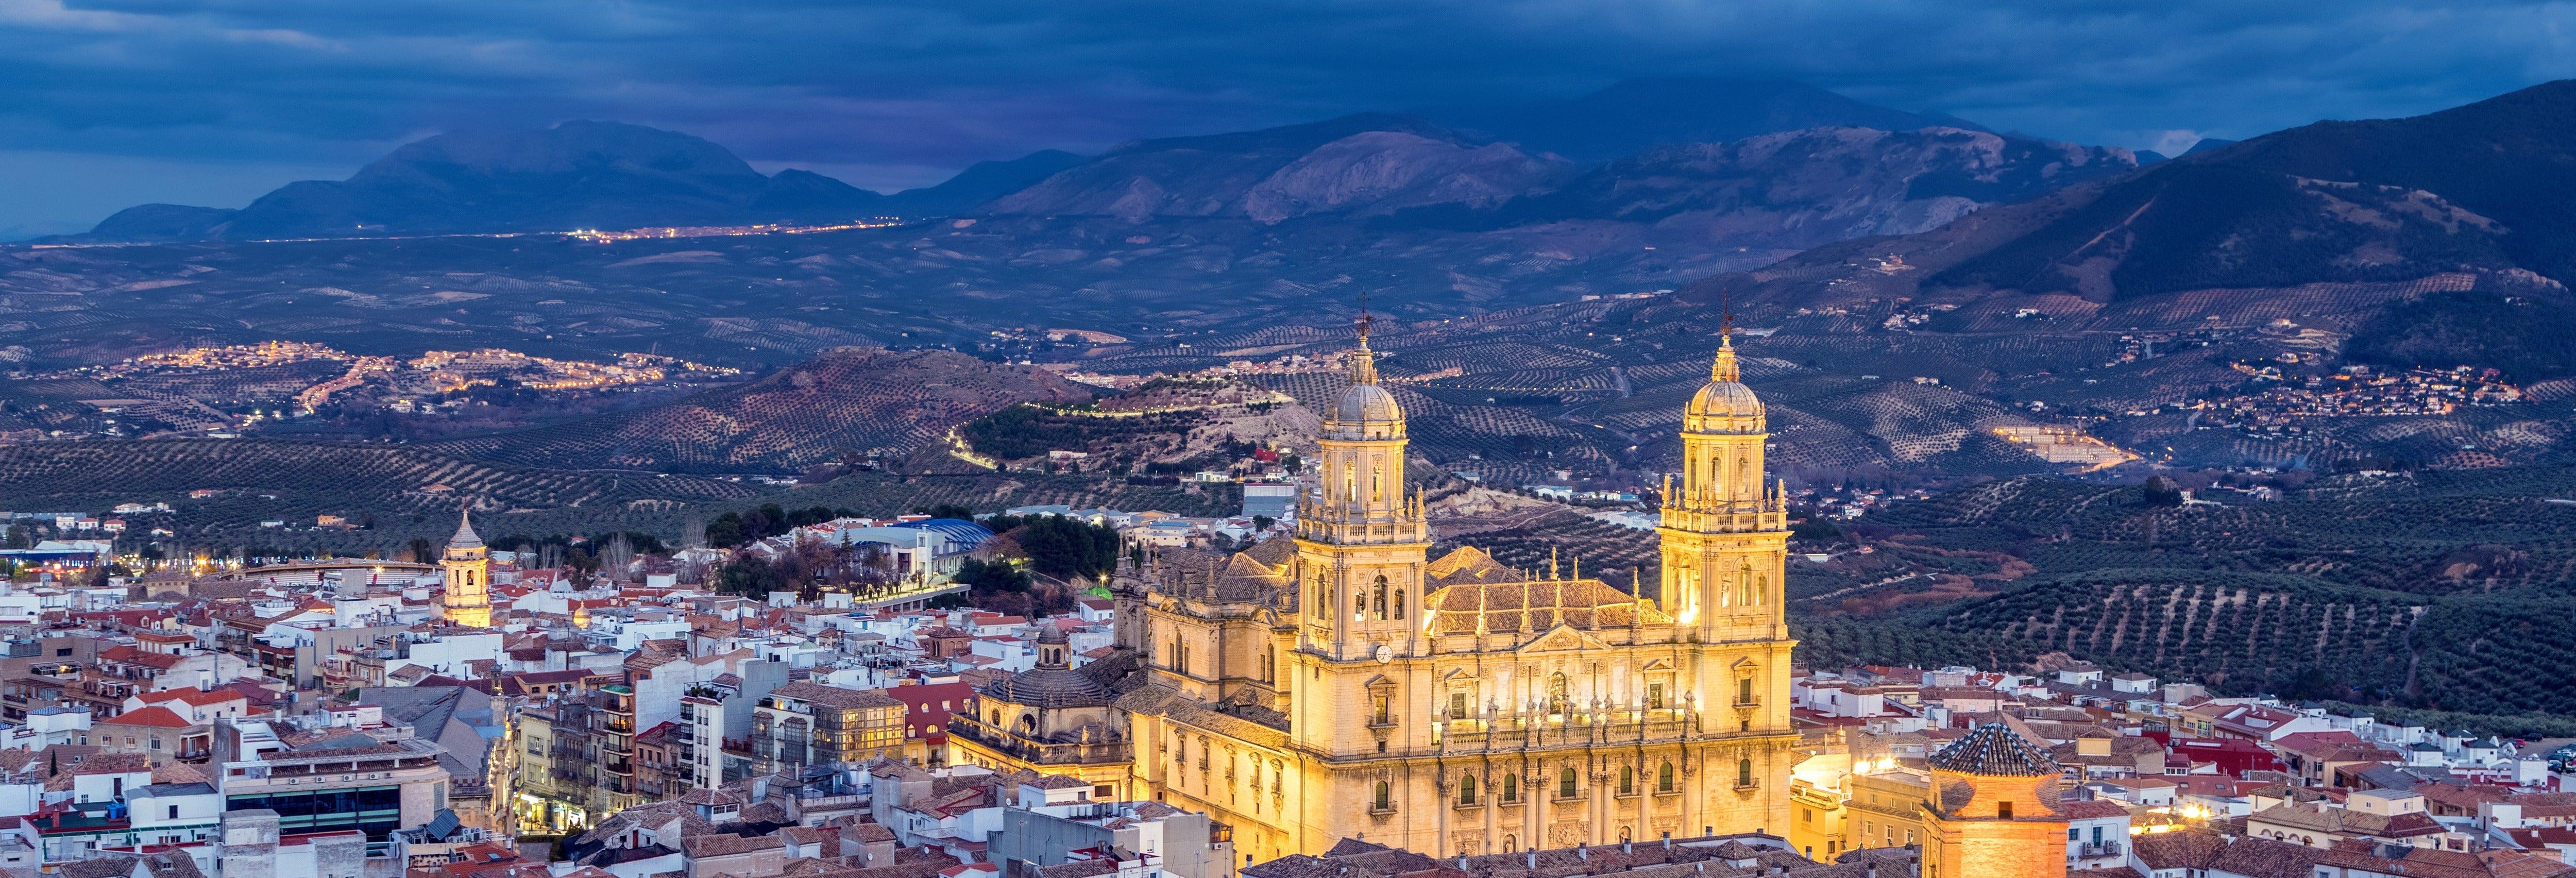 Tour de mistérios e lendas de Jaén